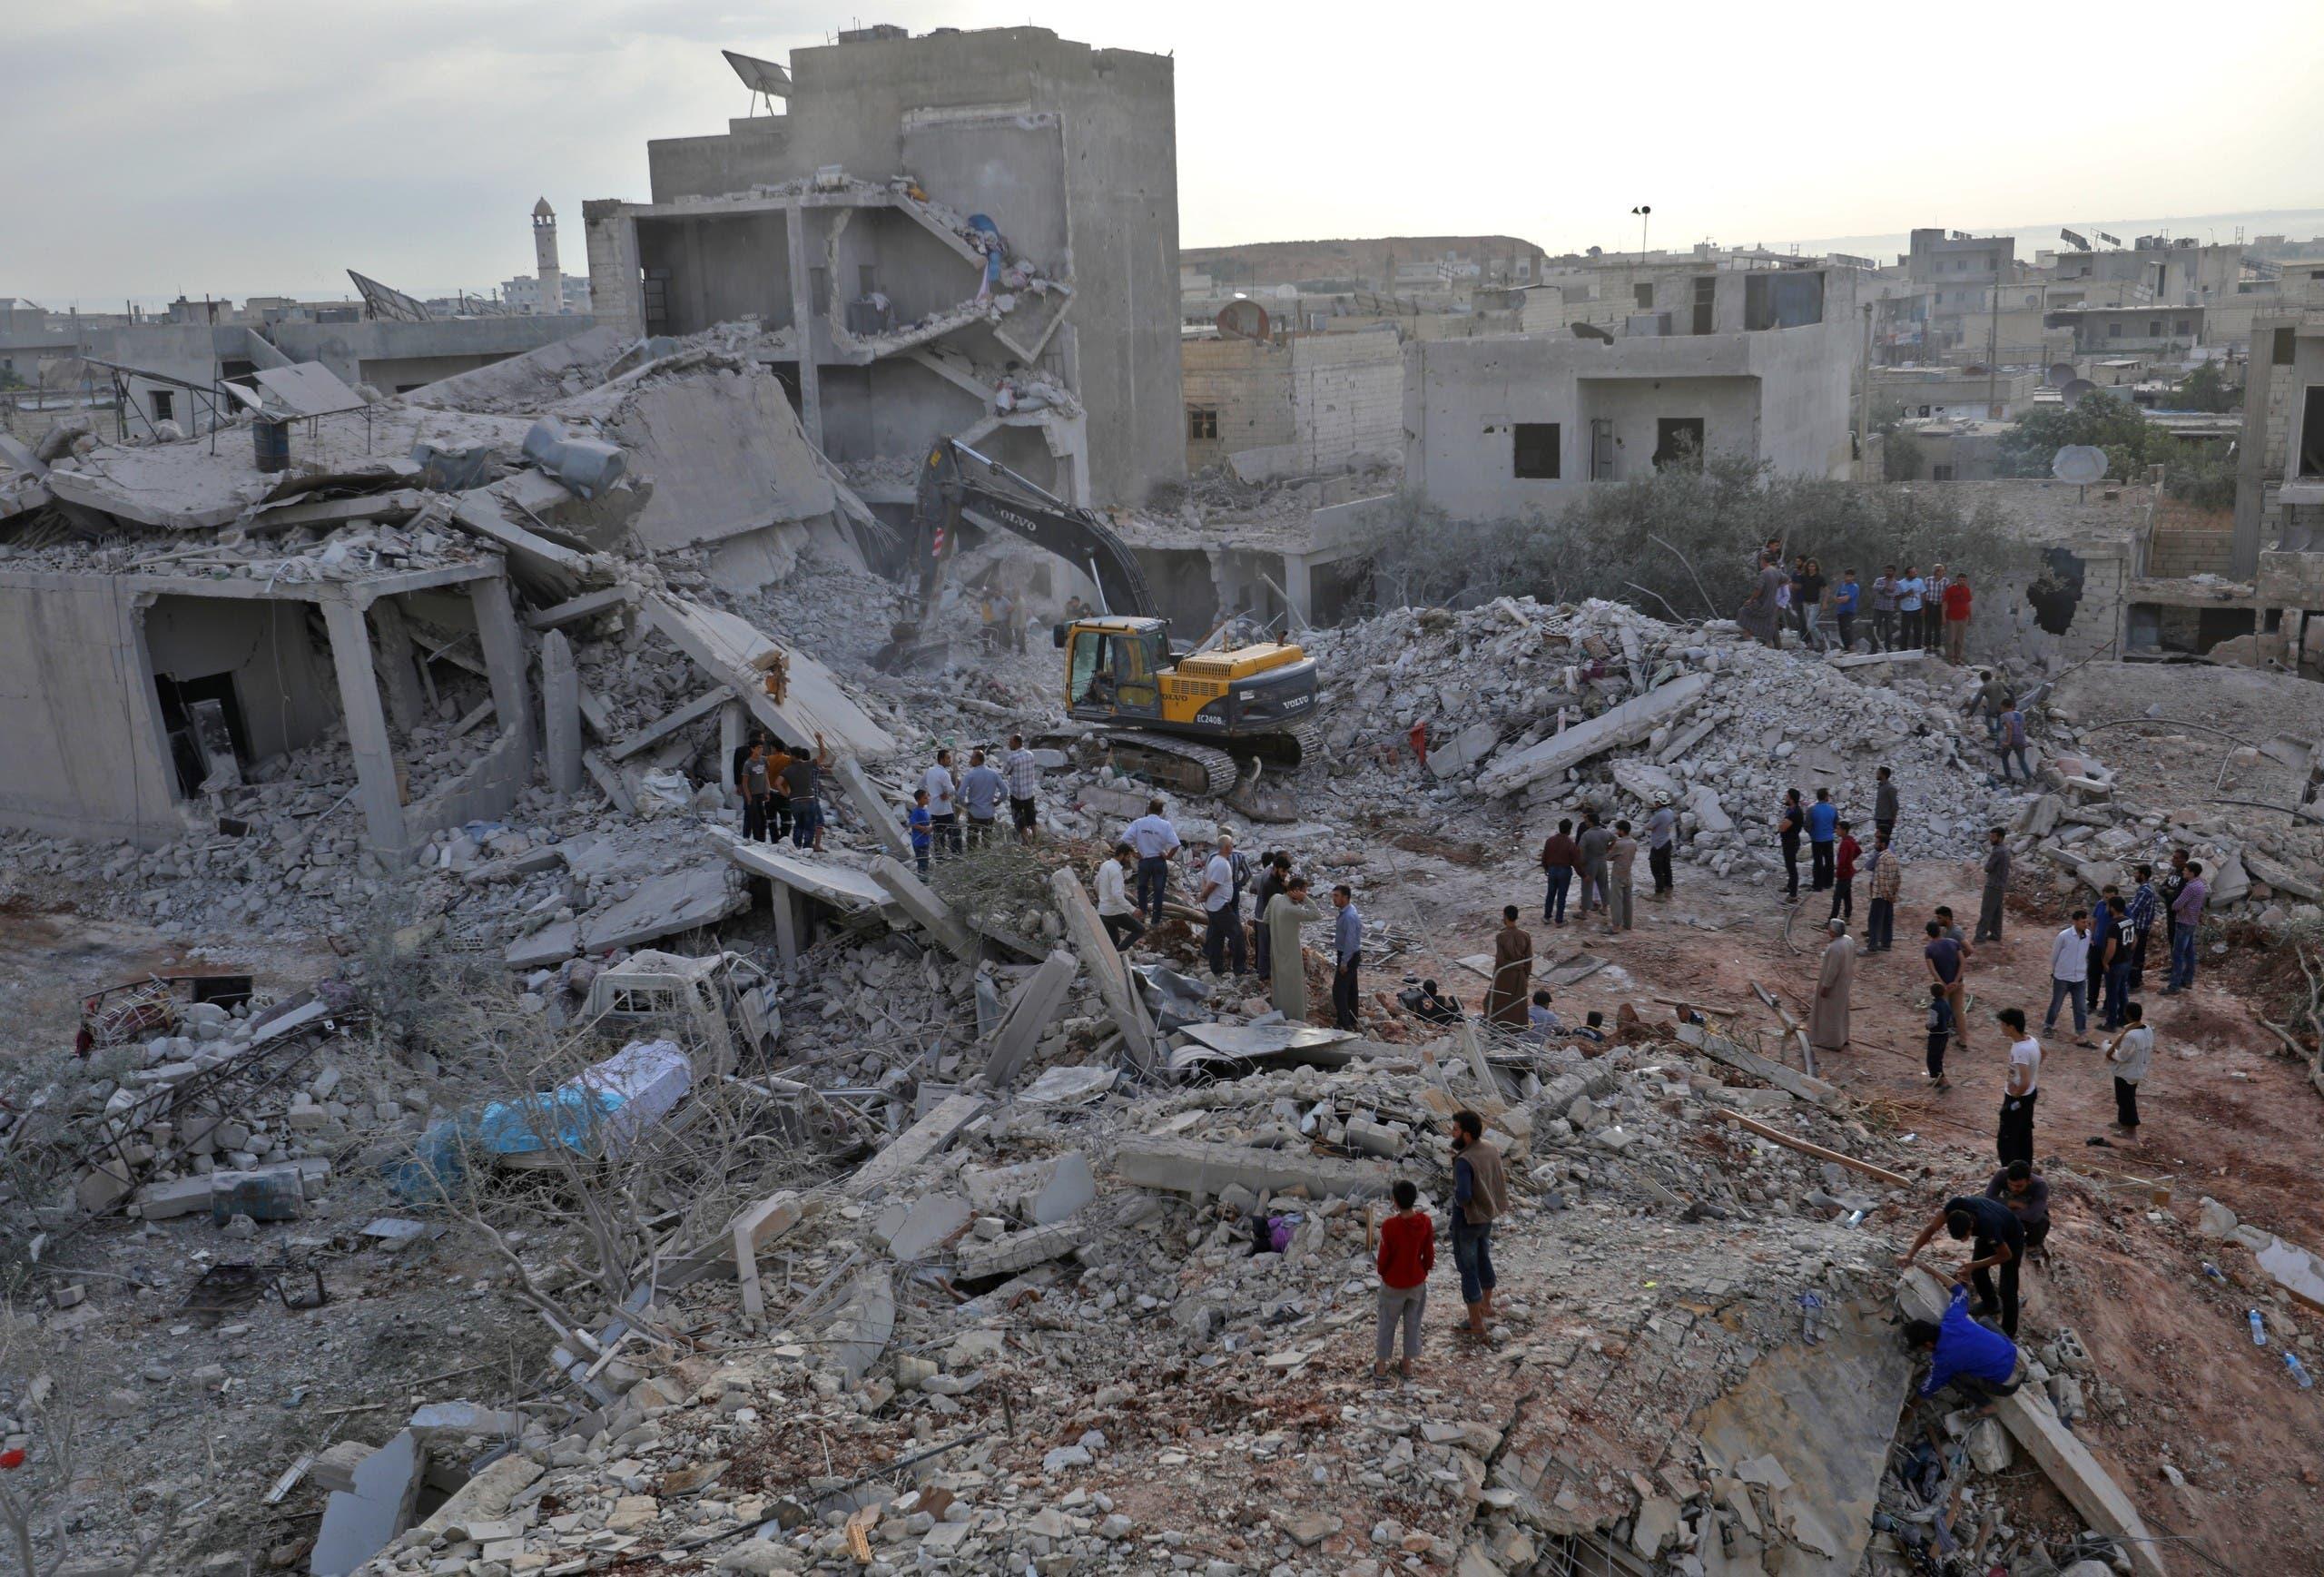 غارات روسية سابقة على إدلب